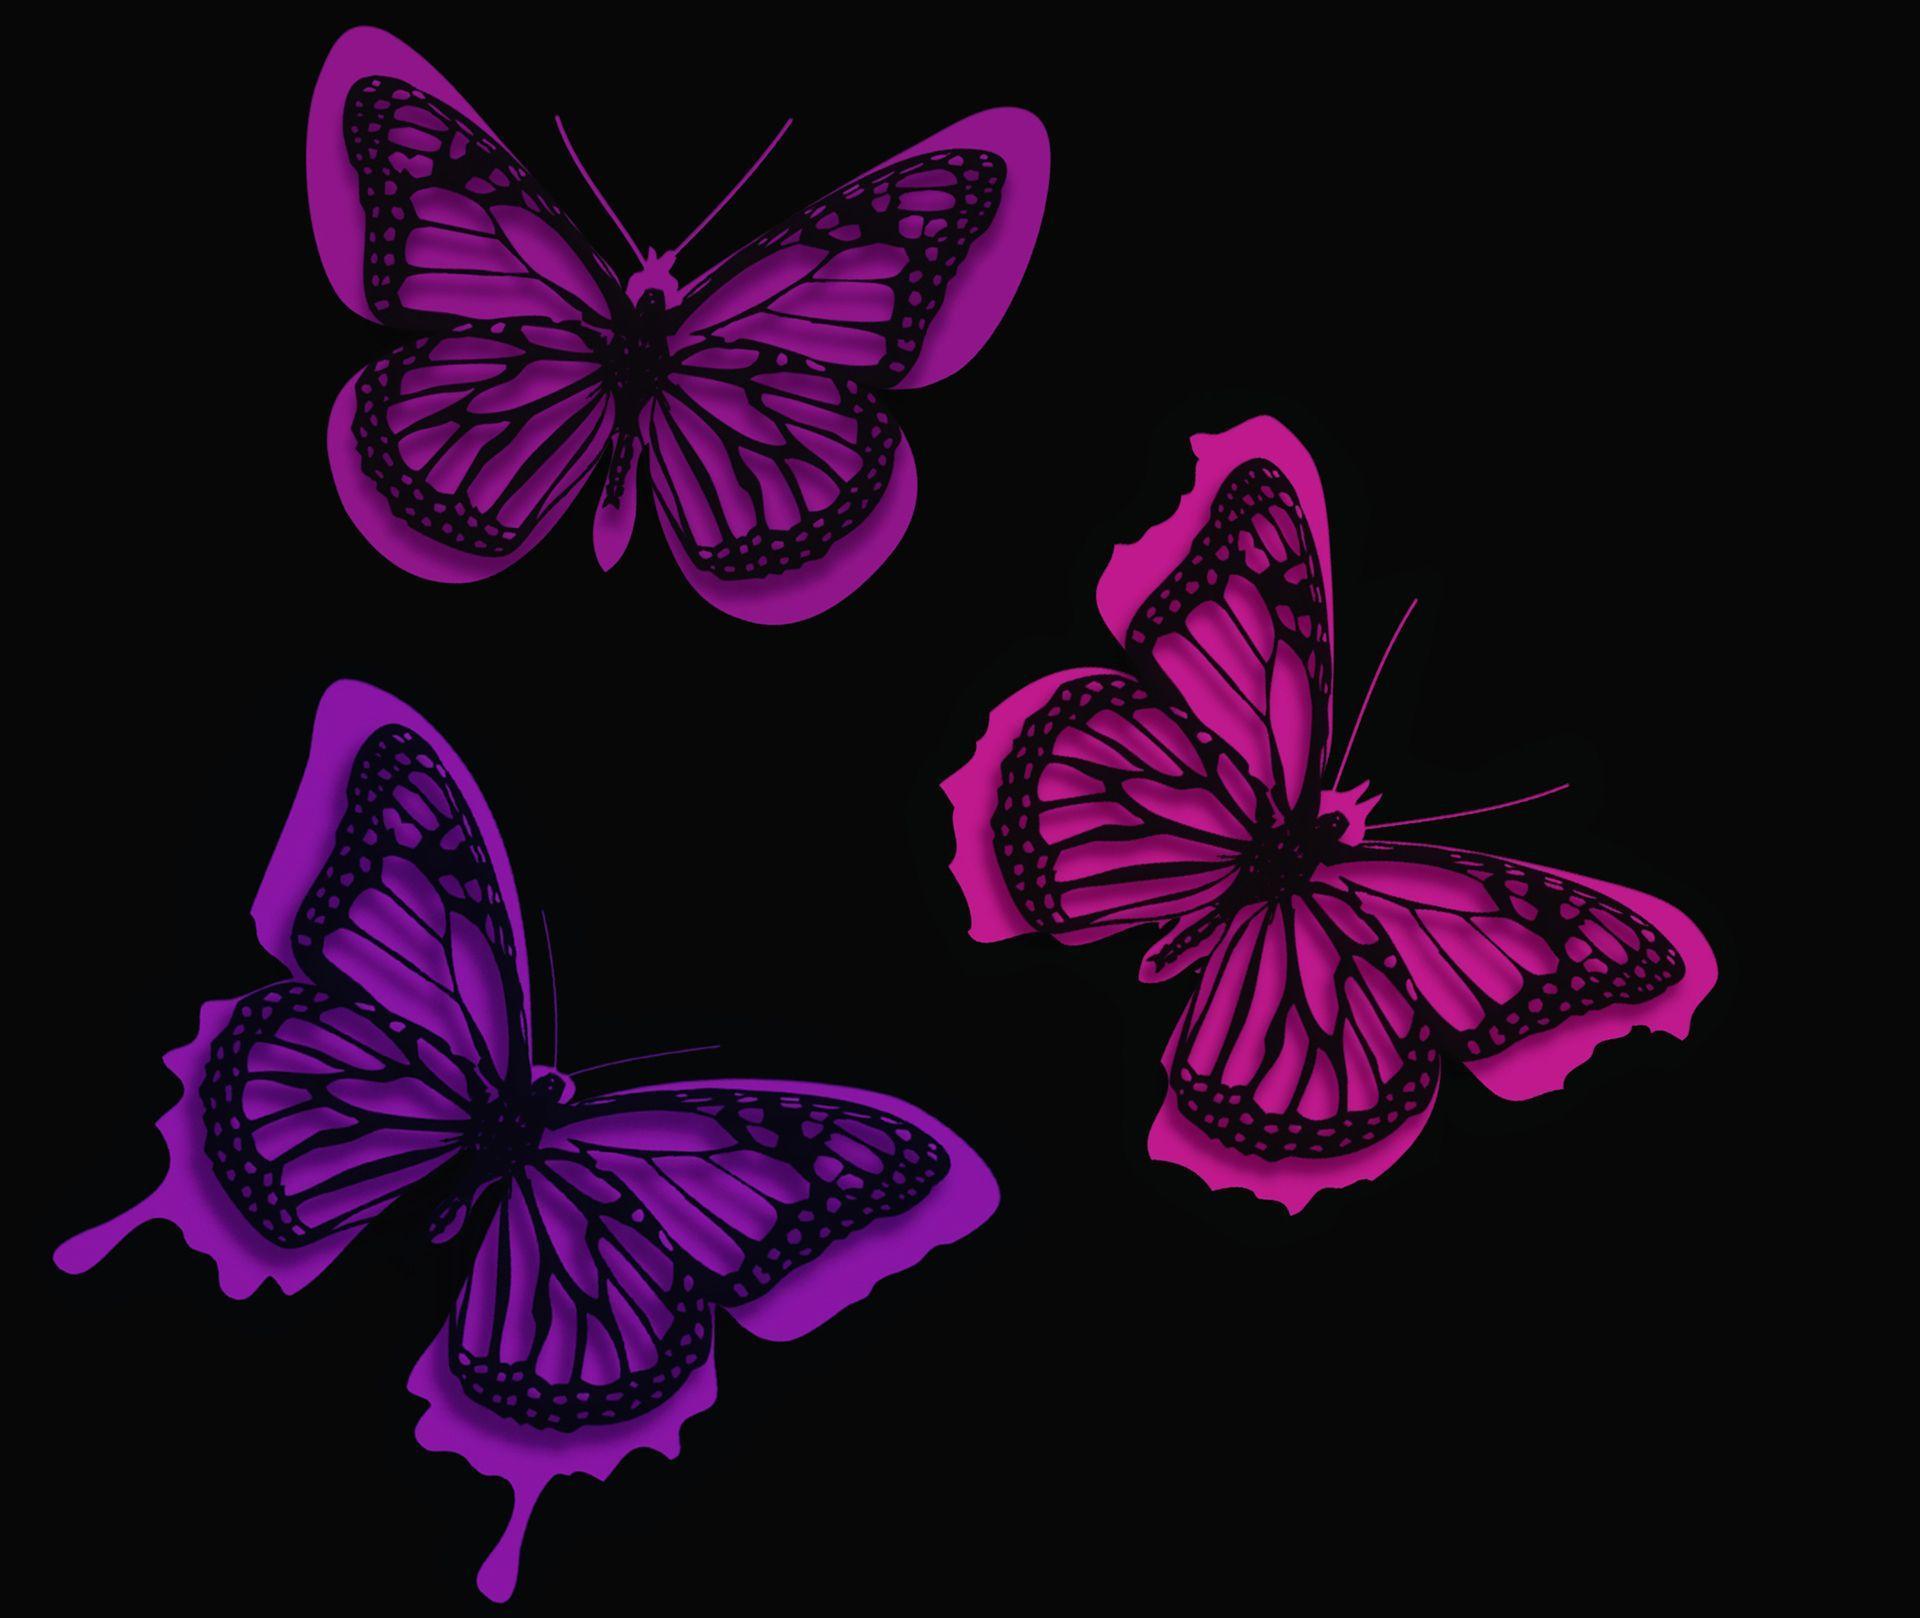 Neon Butterfly Desktop Wallpapers Top Free Neon Butterfly Desktop Backgrounds Wallpaperaccess